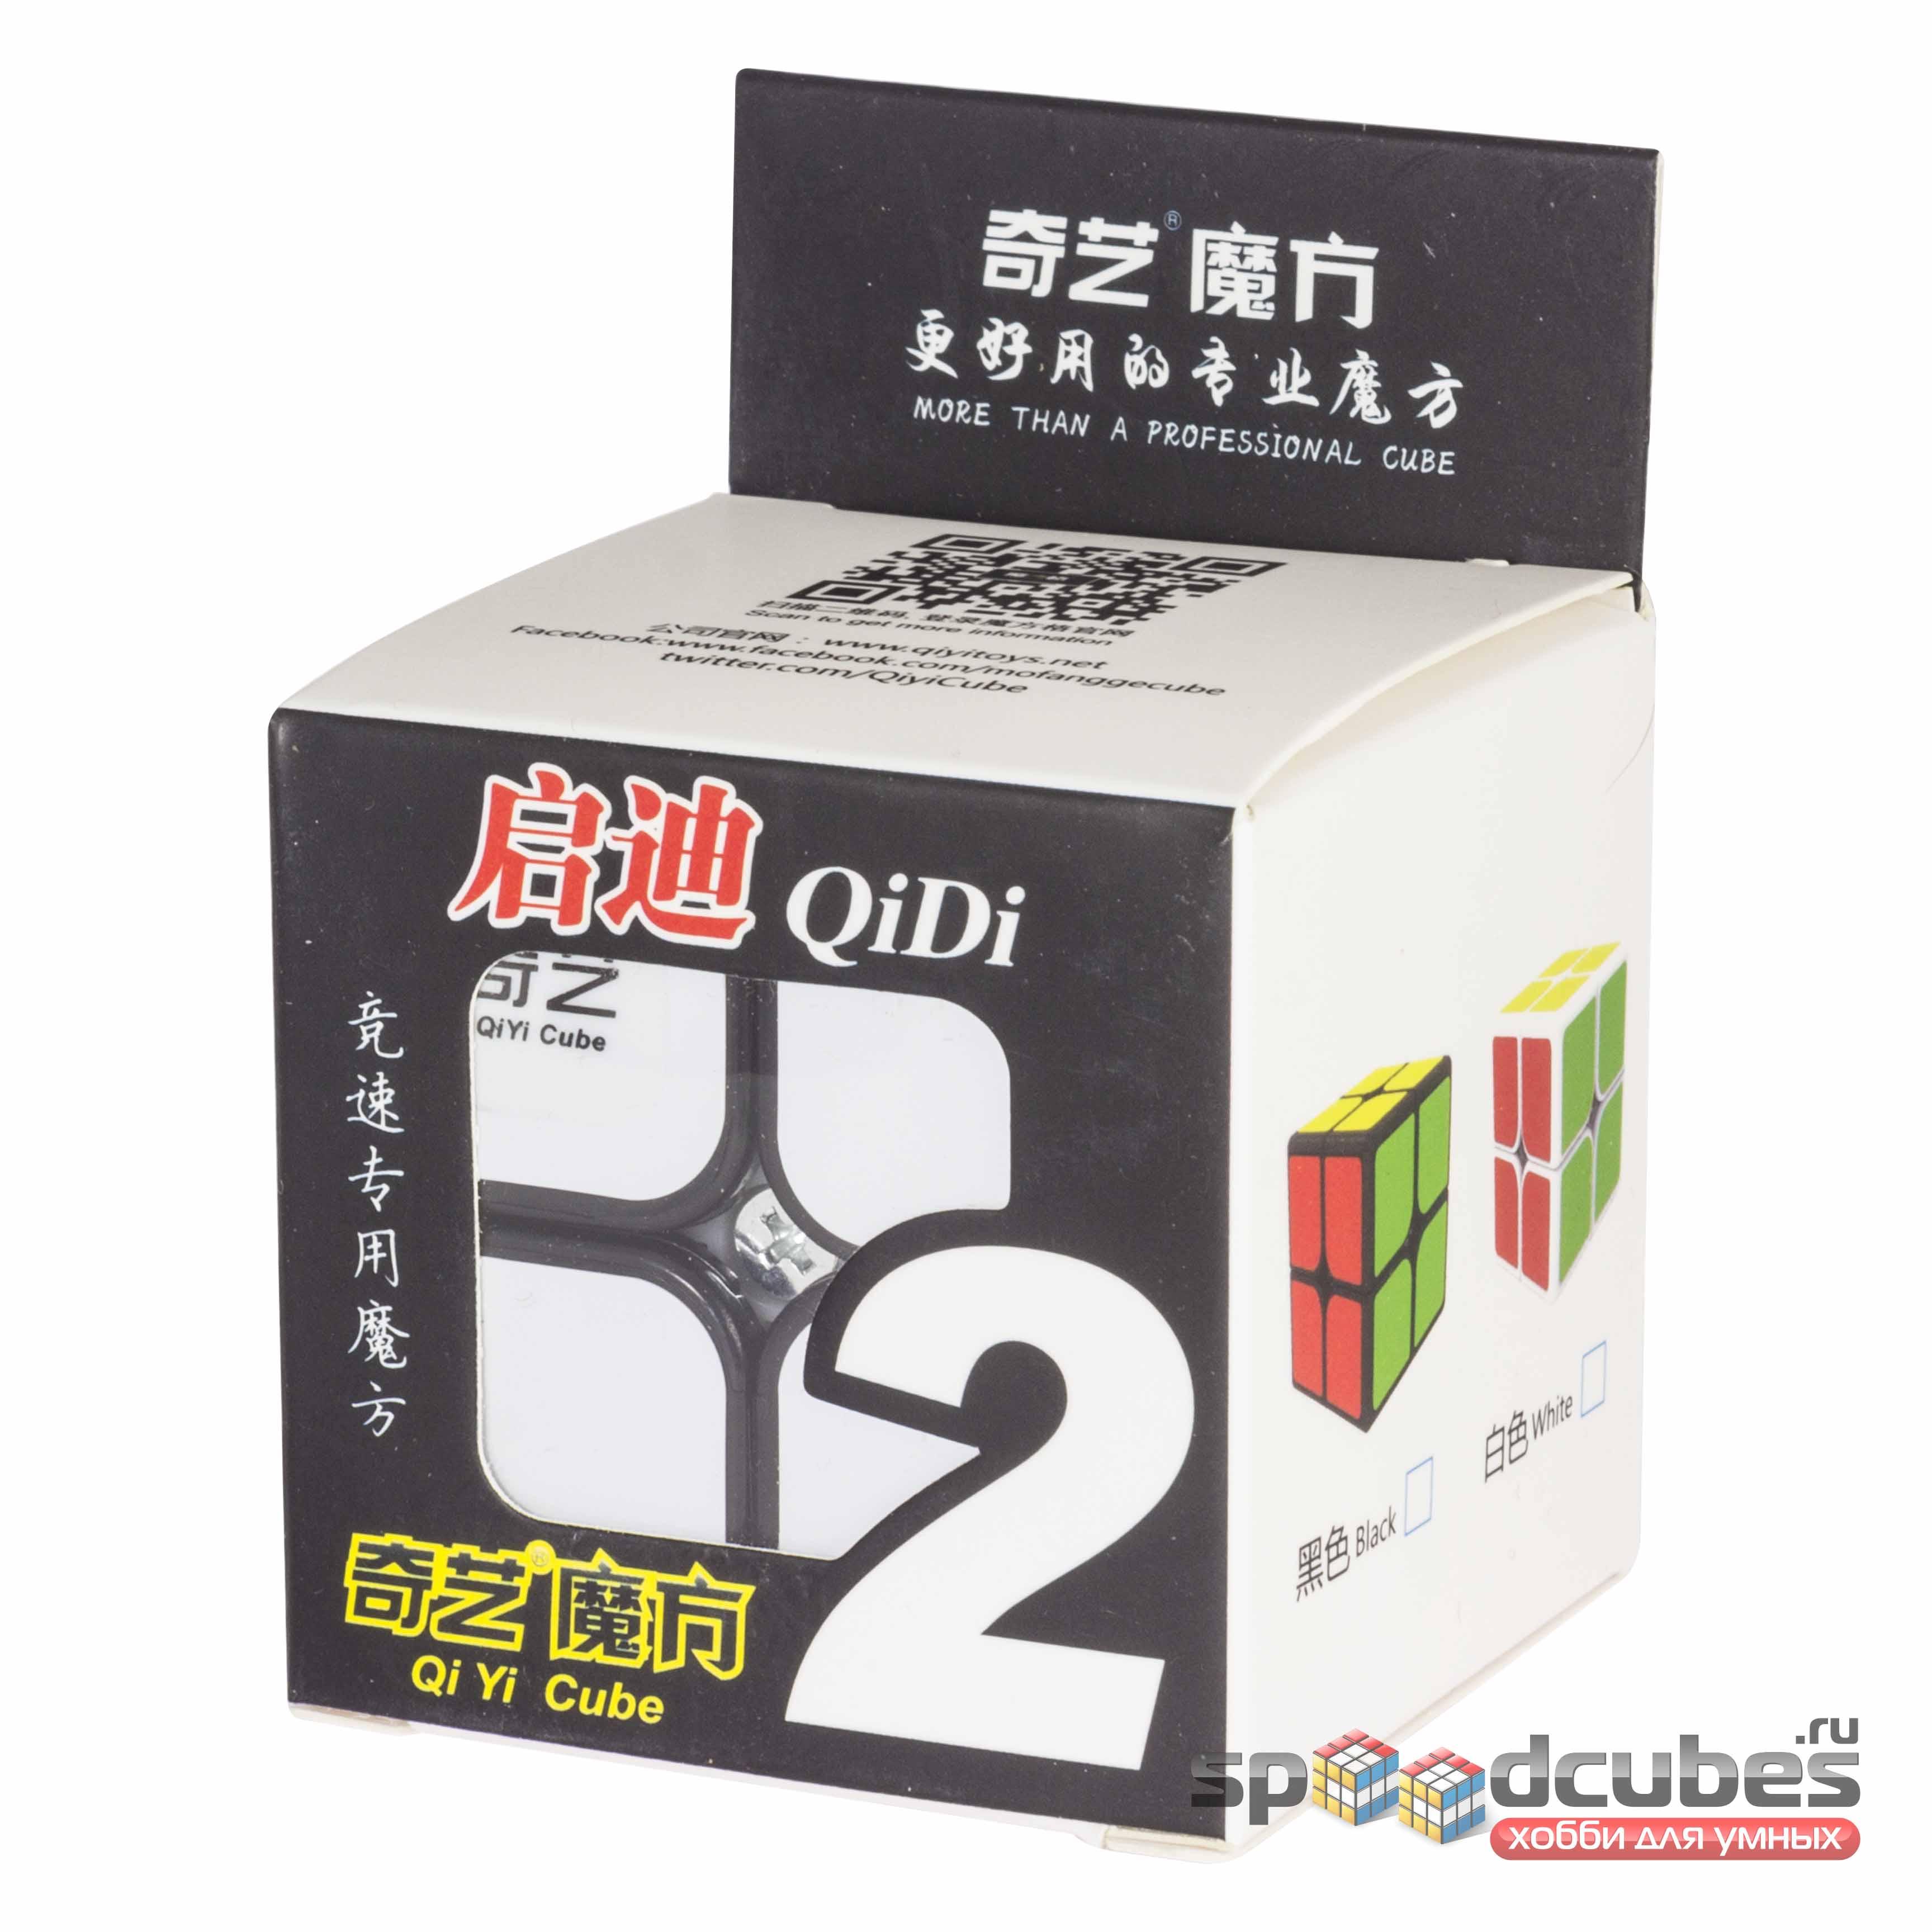 QiYi (MofangGe) 2x2x2 QiDi 1